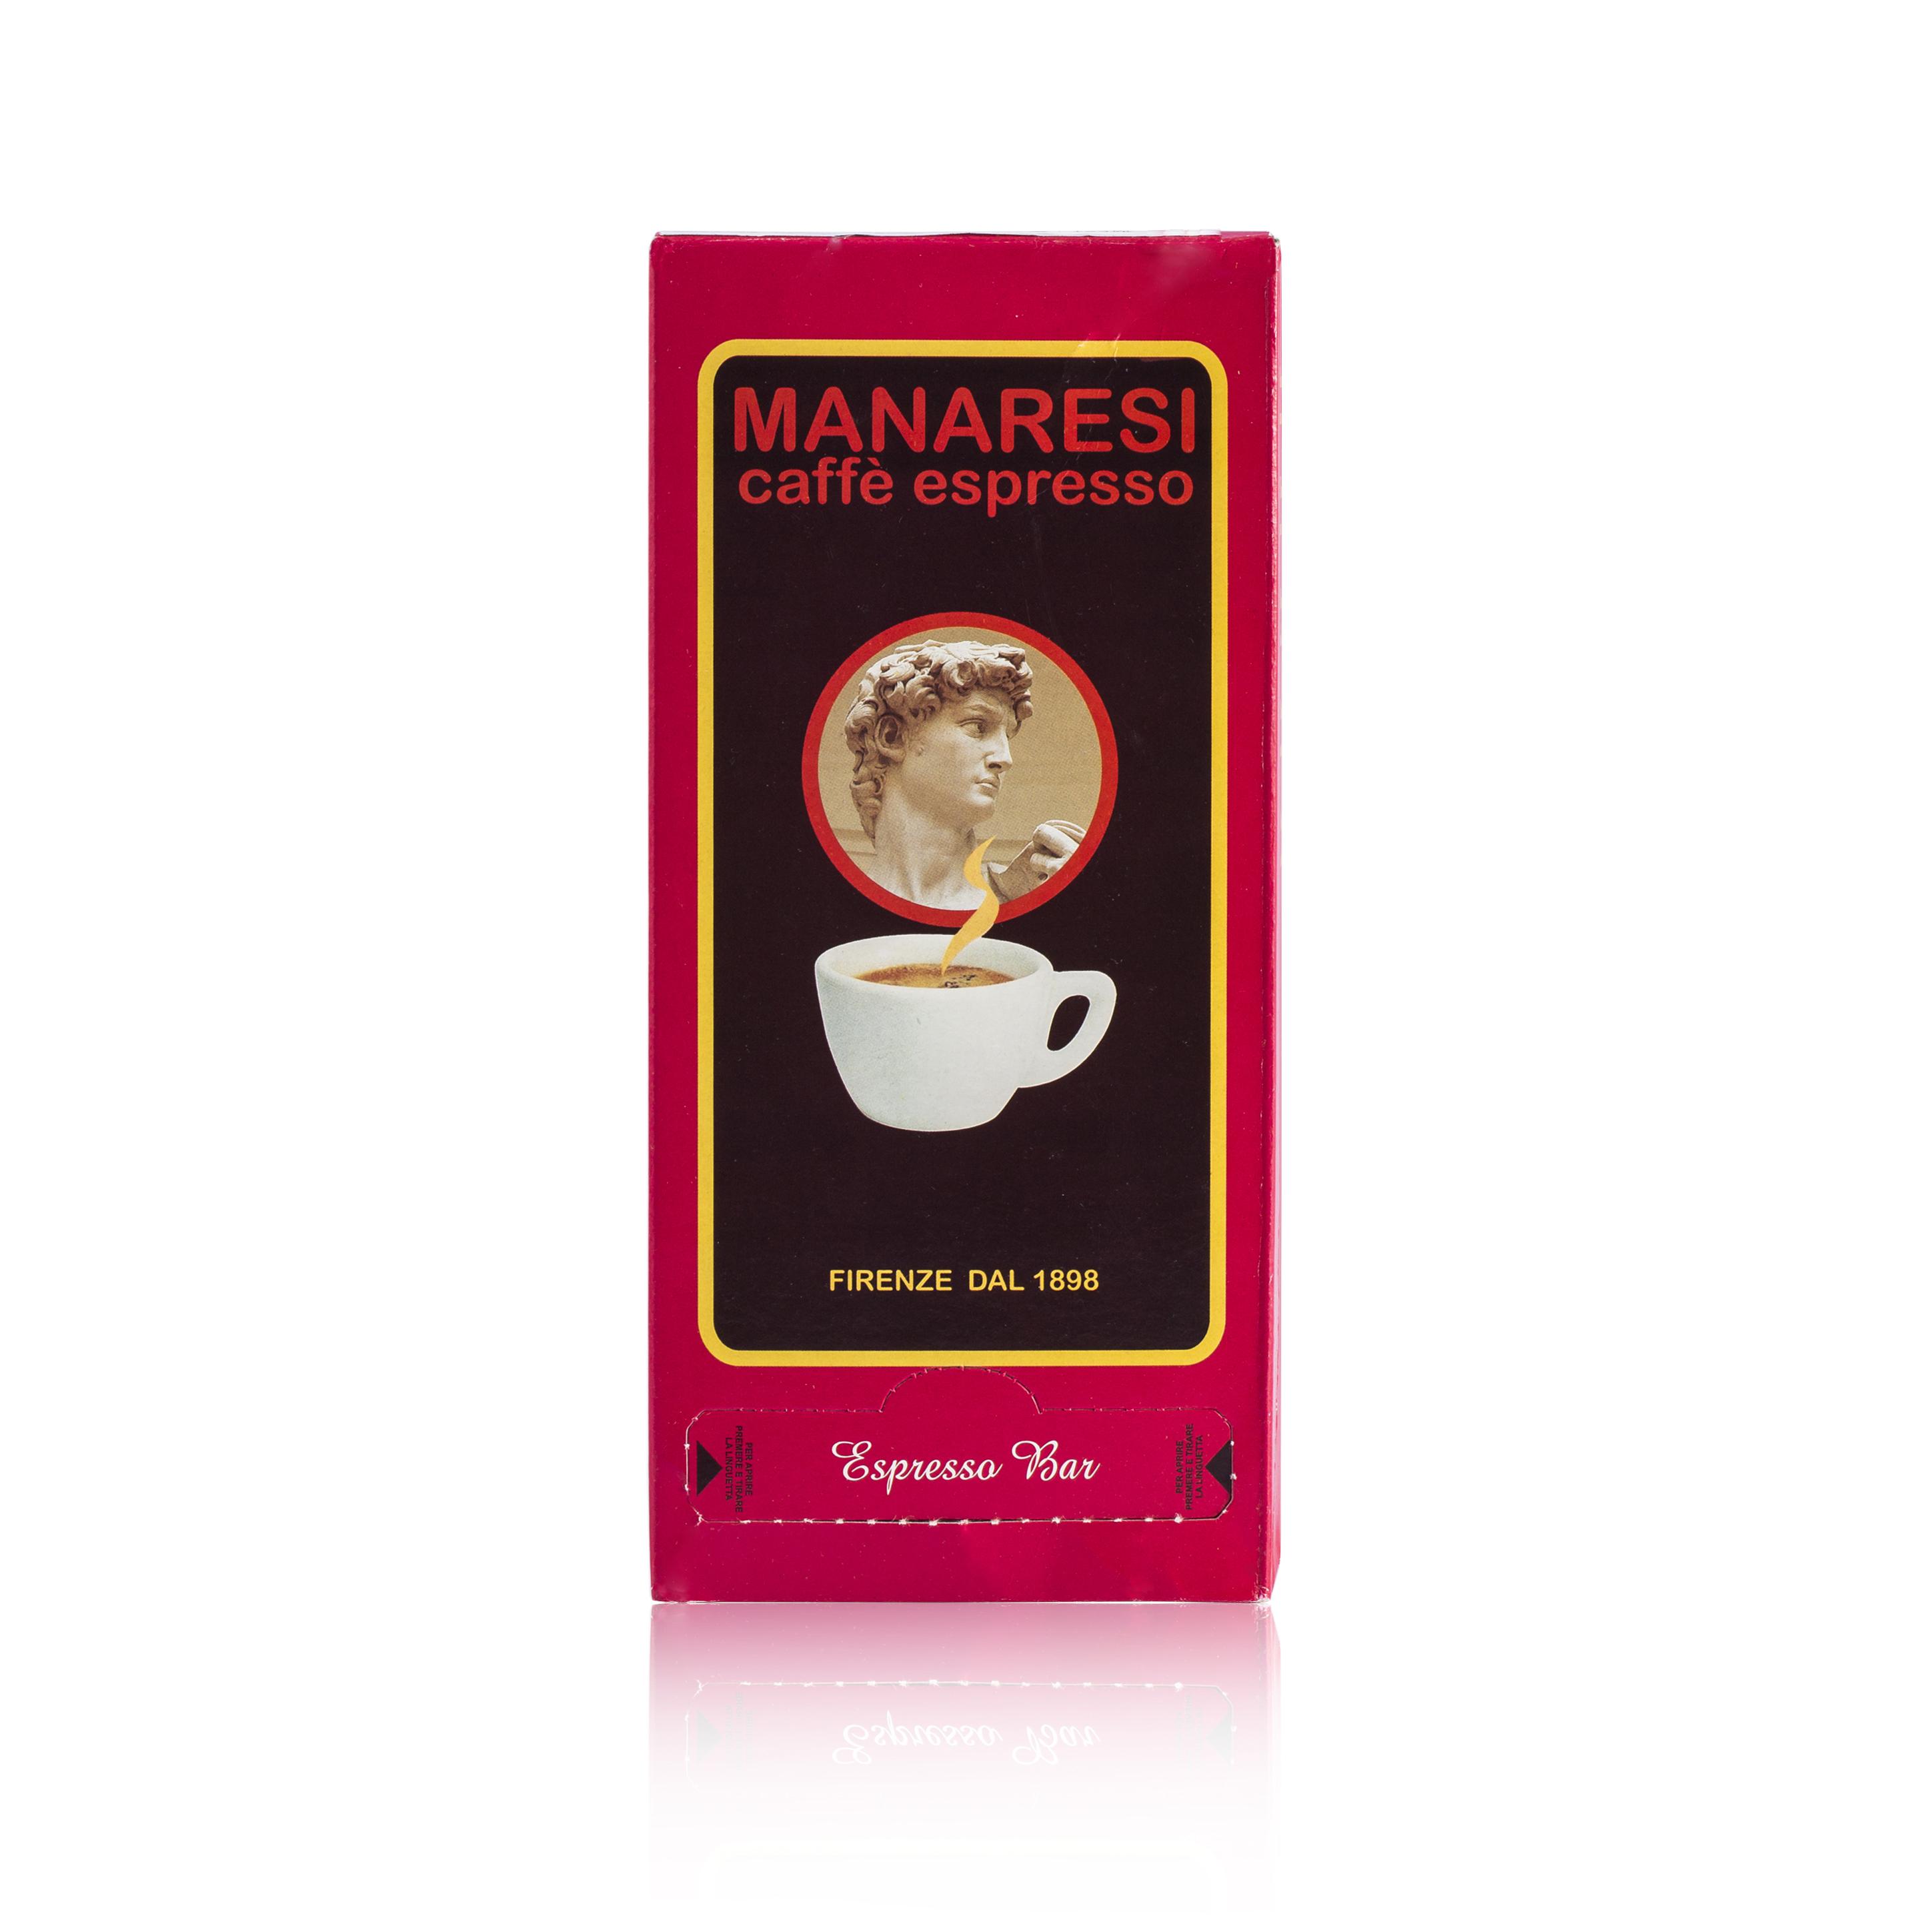 意大利原产Manaresi曼那瑞斯浓缩咖啡粉易理包125g 红色